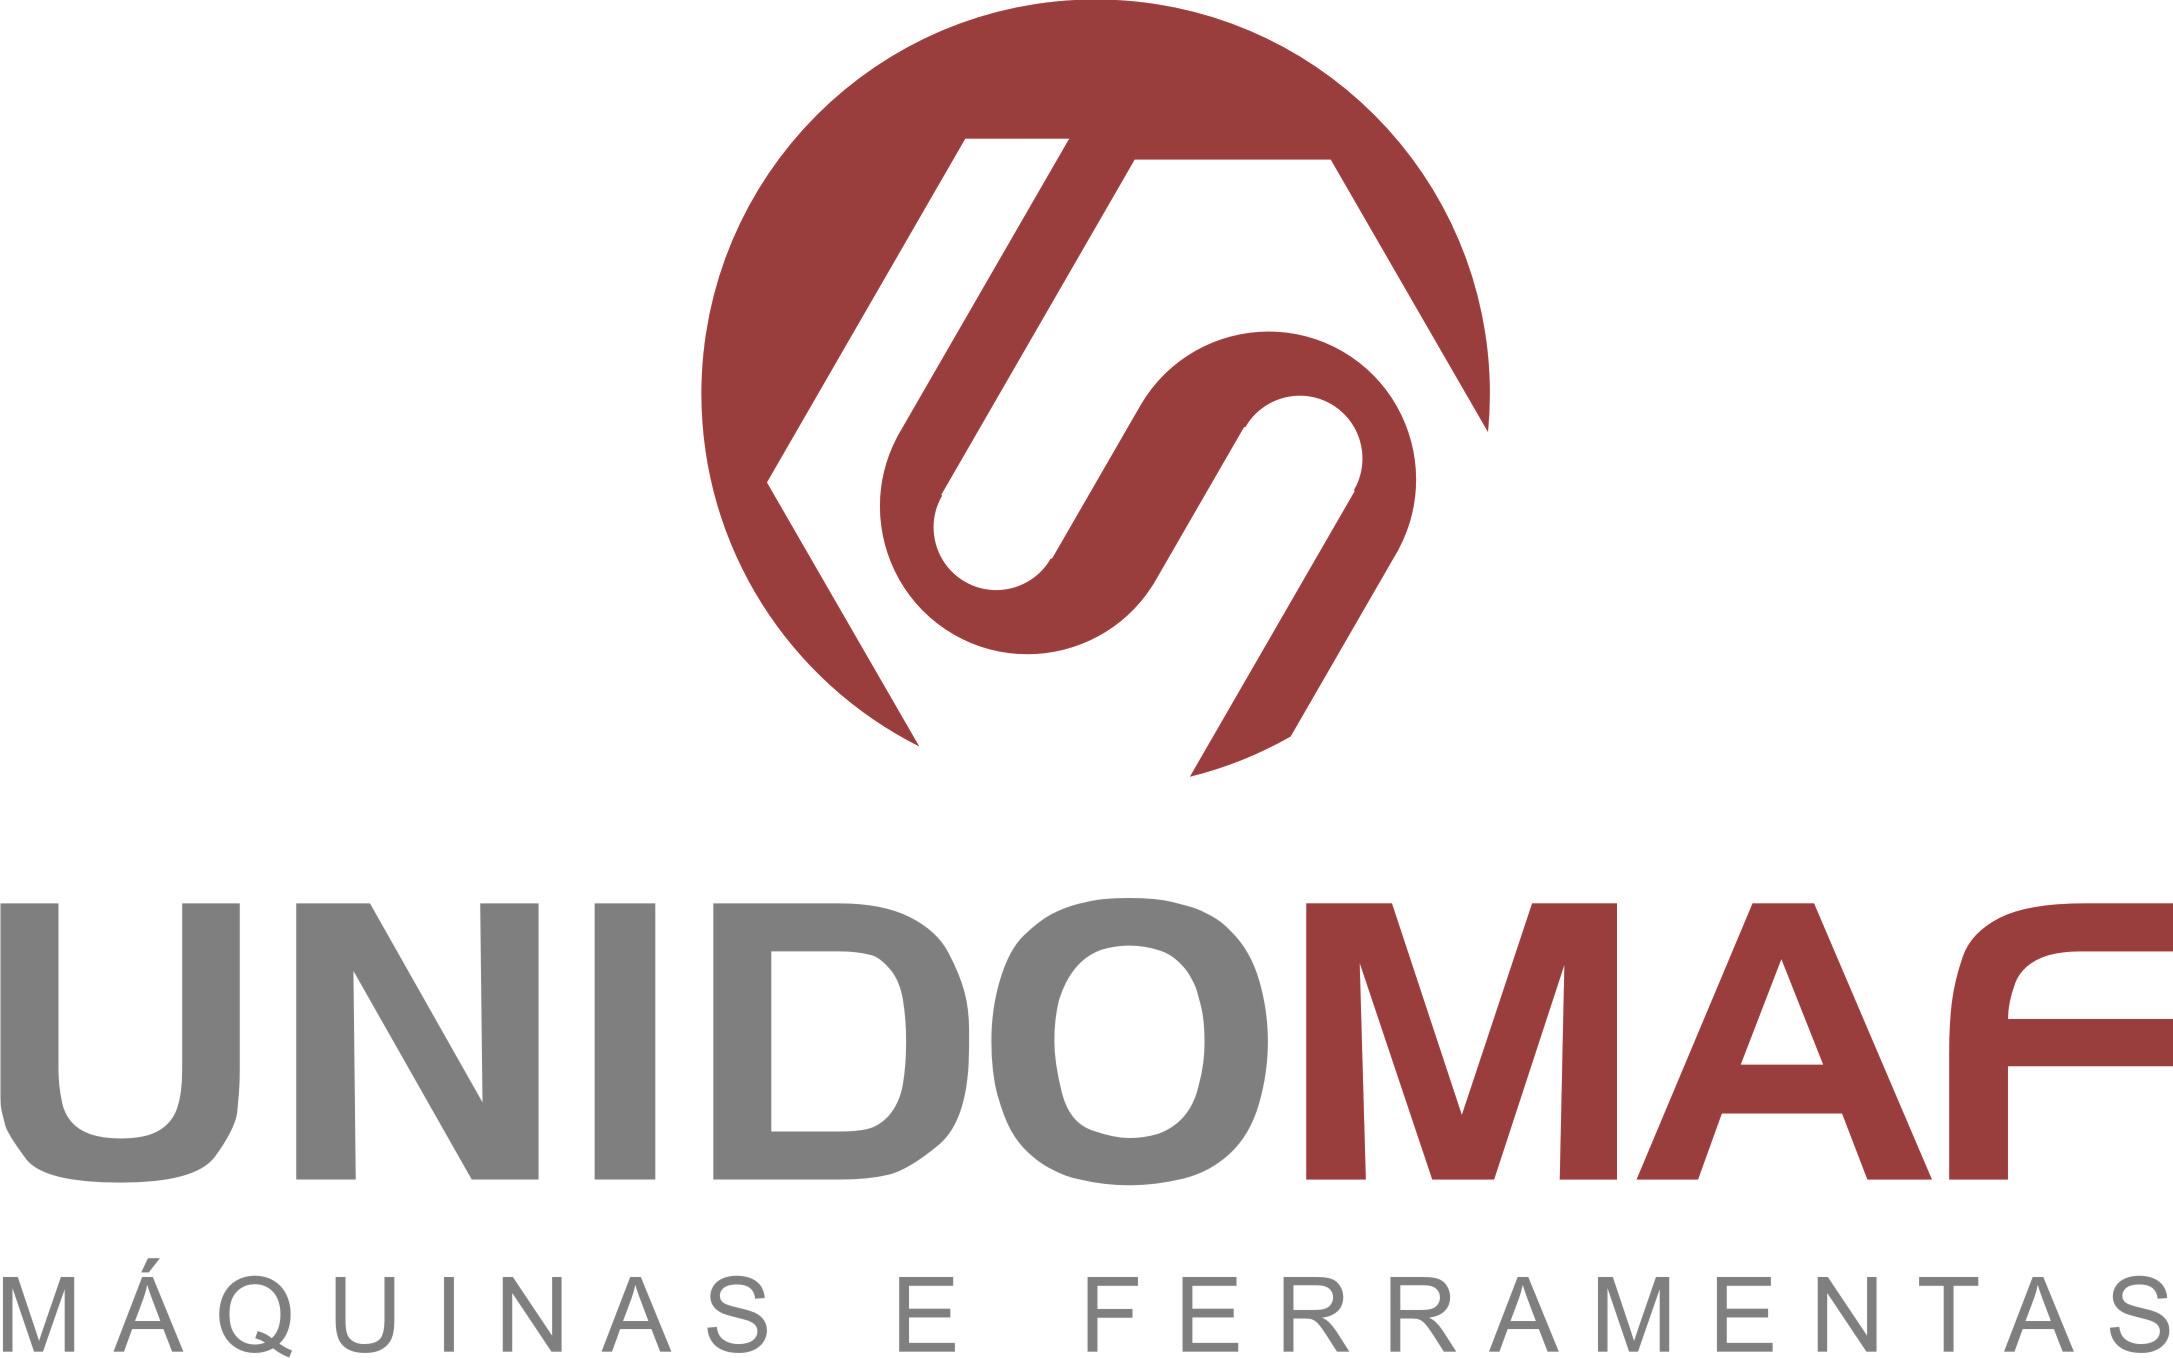 UNIDOMAF - Maquinas e Ferramentas, Lda.